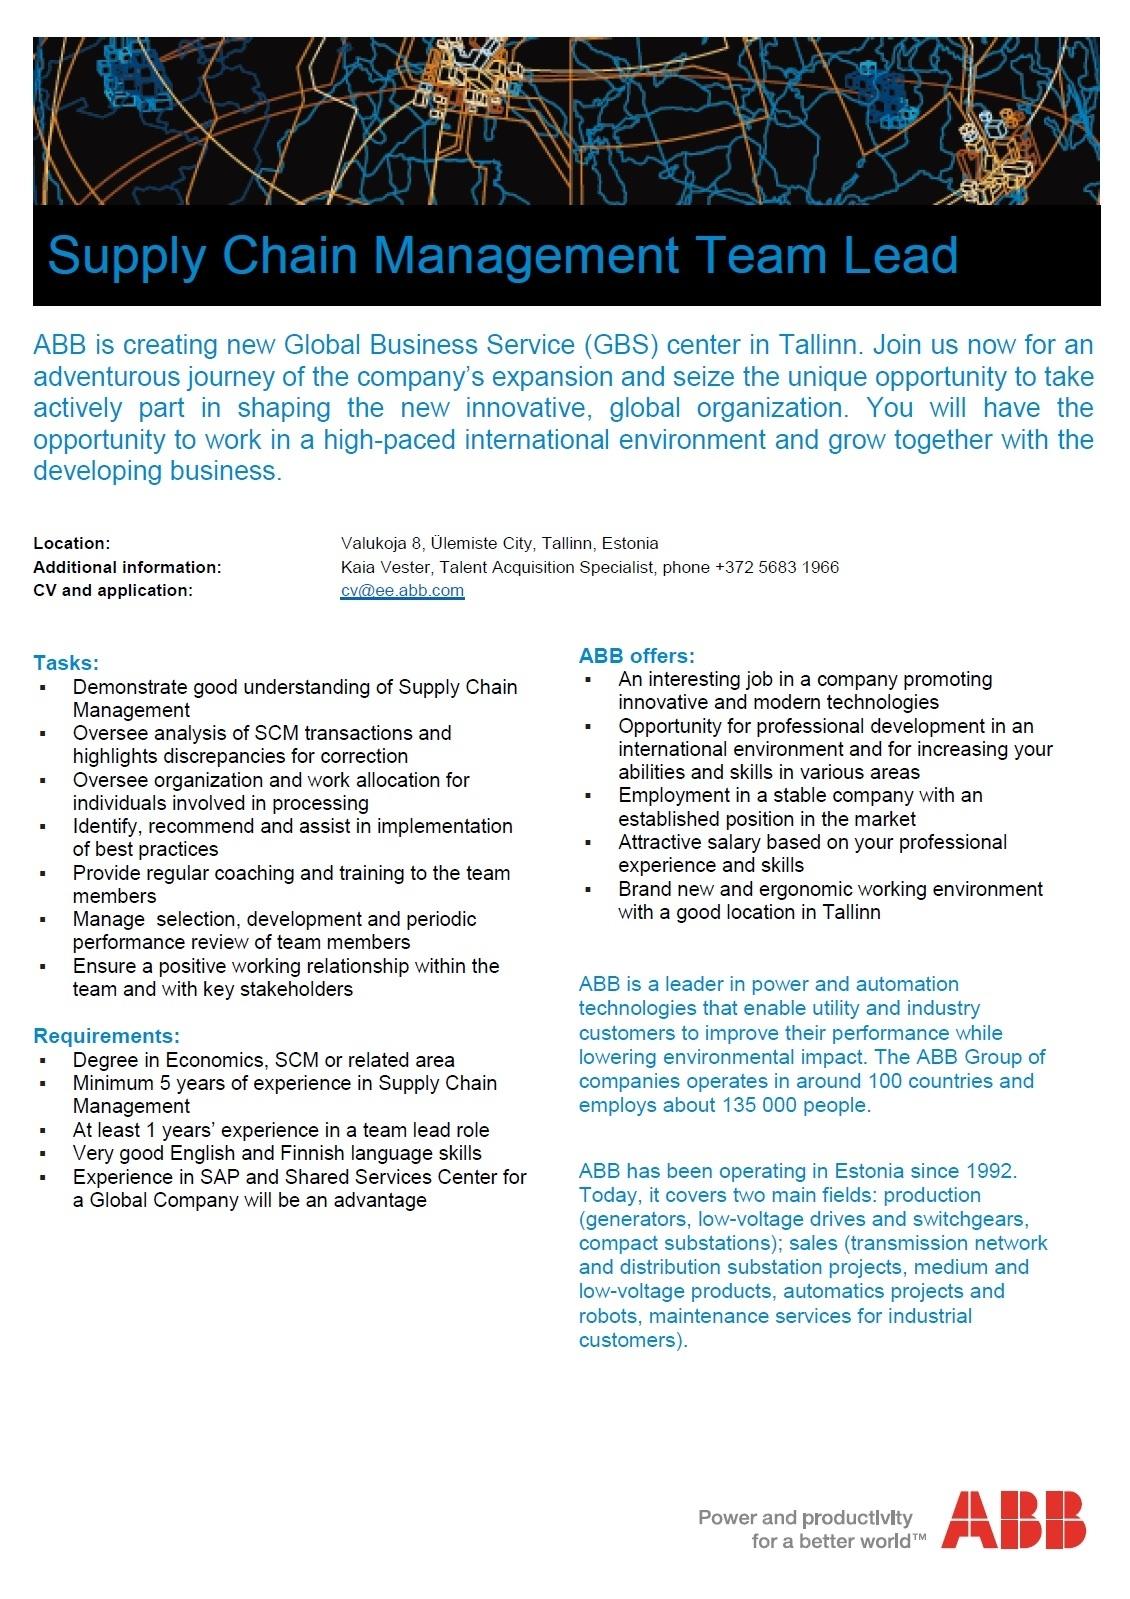 cv keskus t pakkumine supply chain management team lead. Black Bedroom Furniture Sets. Home Design Ideas